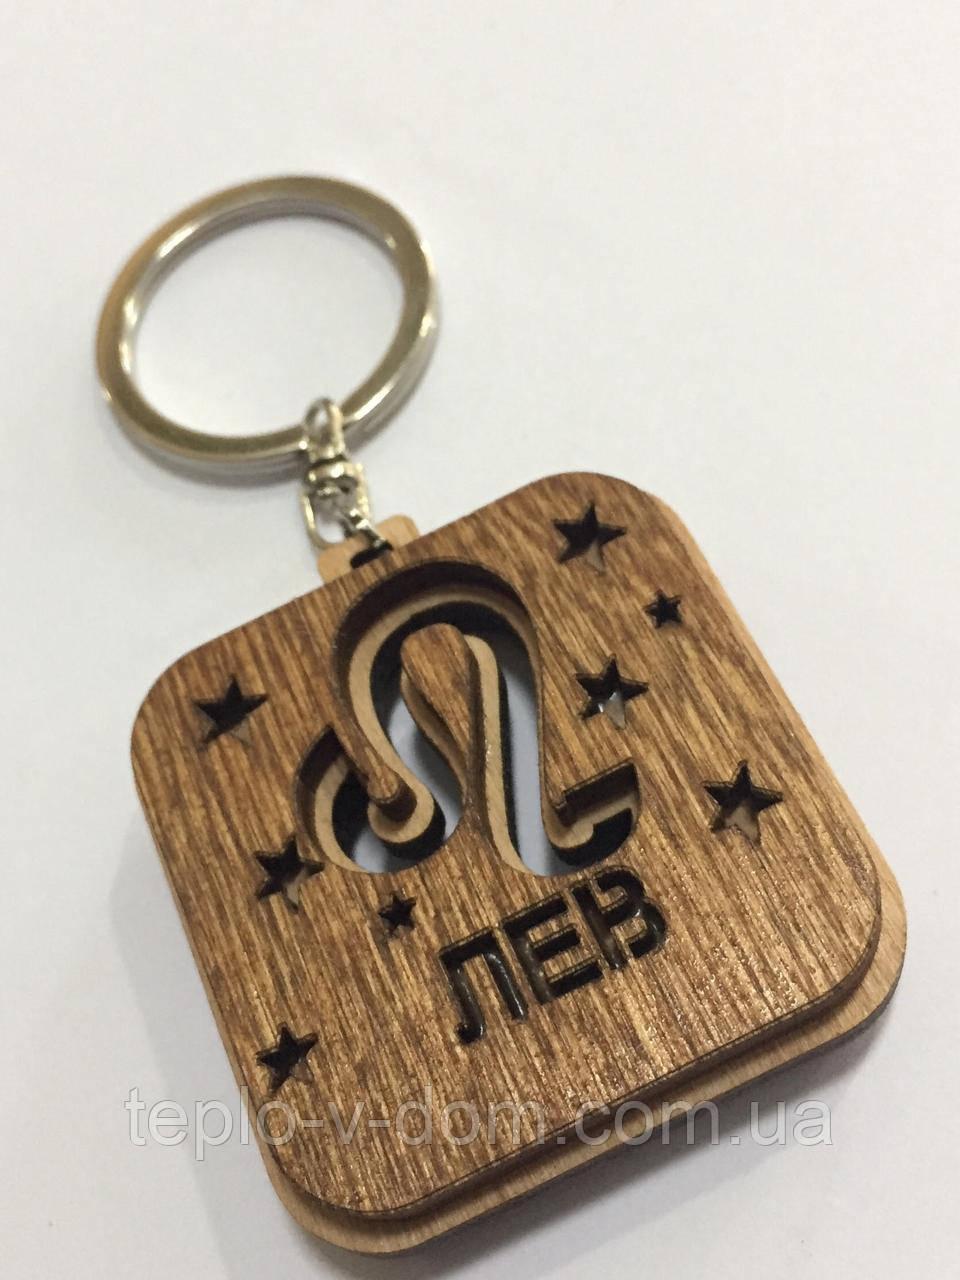 Брелок со знаком зодиака деревянный ЛЕВ